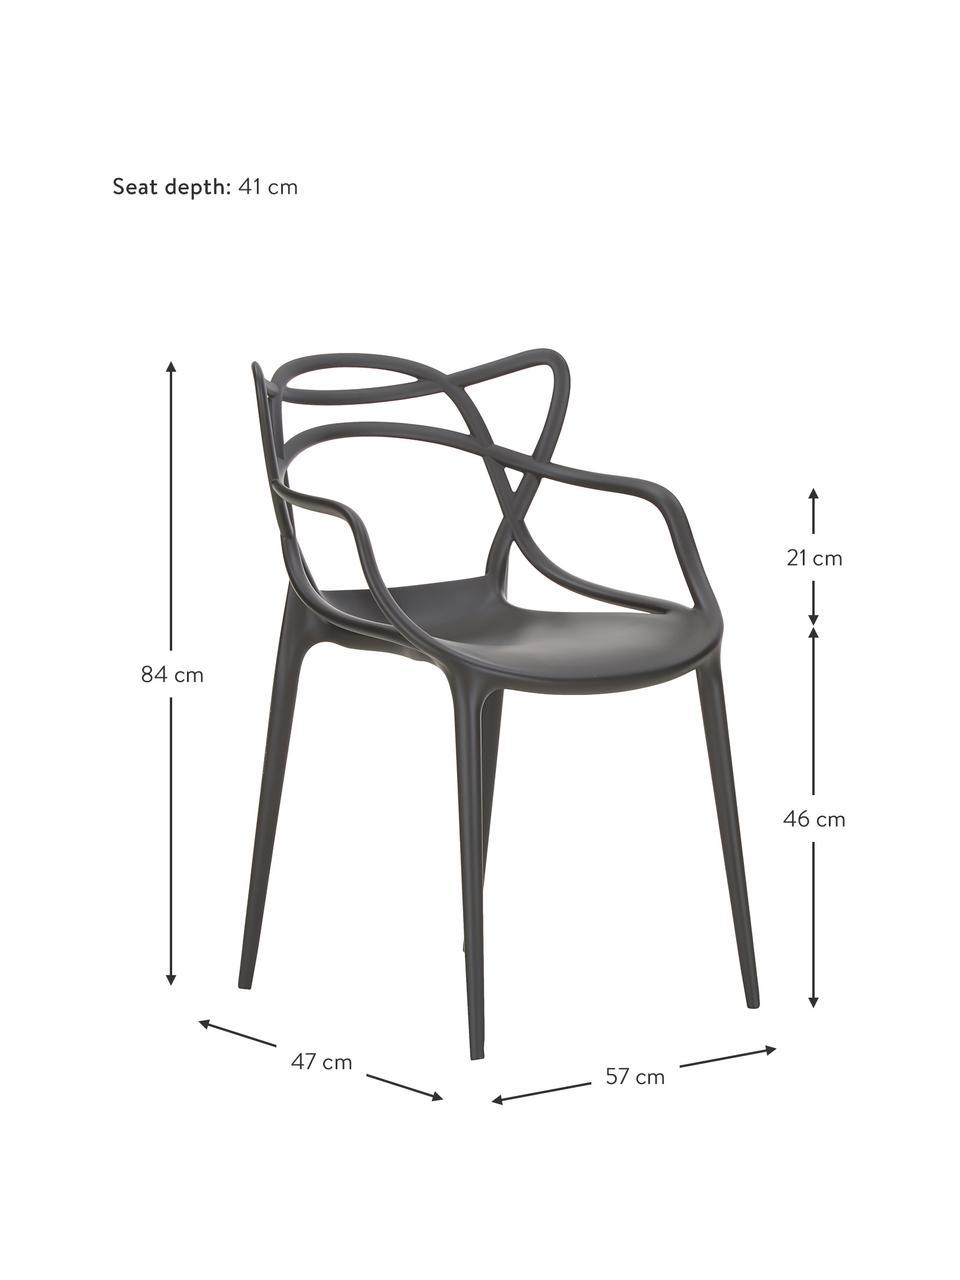 Krzesło z podłokietnikami Masters, 2 szt., Polipropylen, Czarny, S 57 x G 47 cm